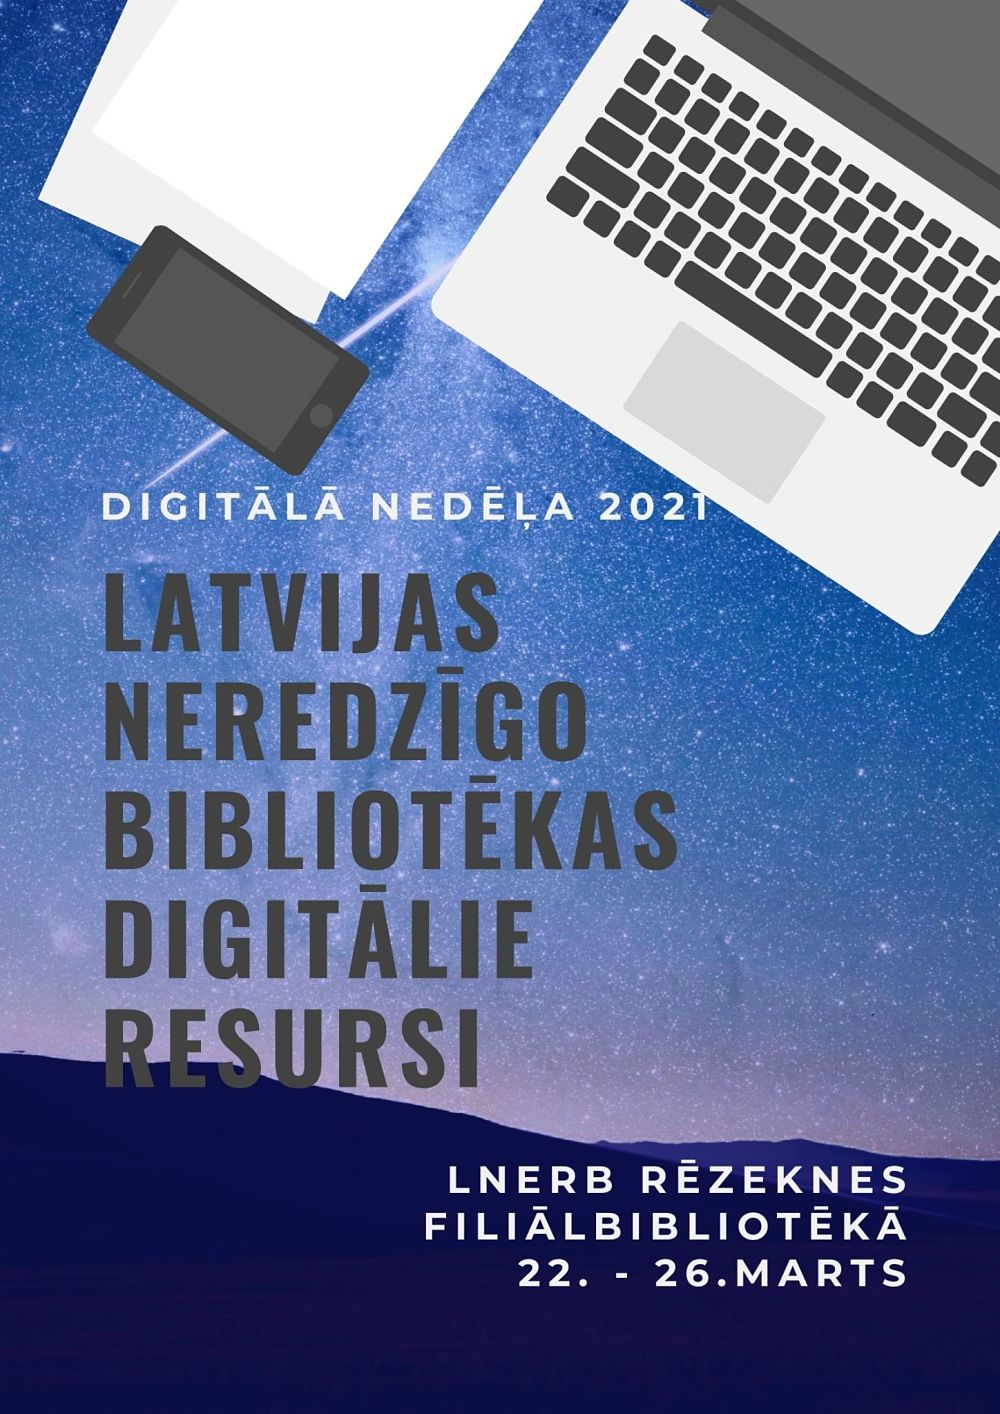 Plakāts Digitālā nedēļa Rēzeknes filiālē